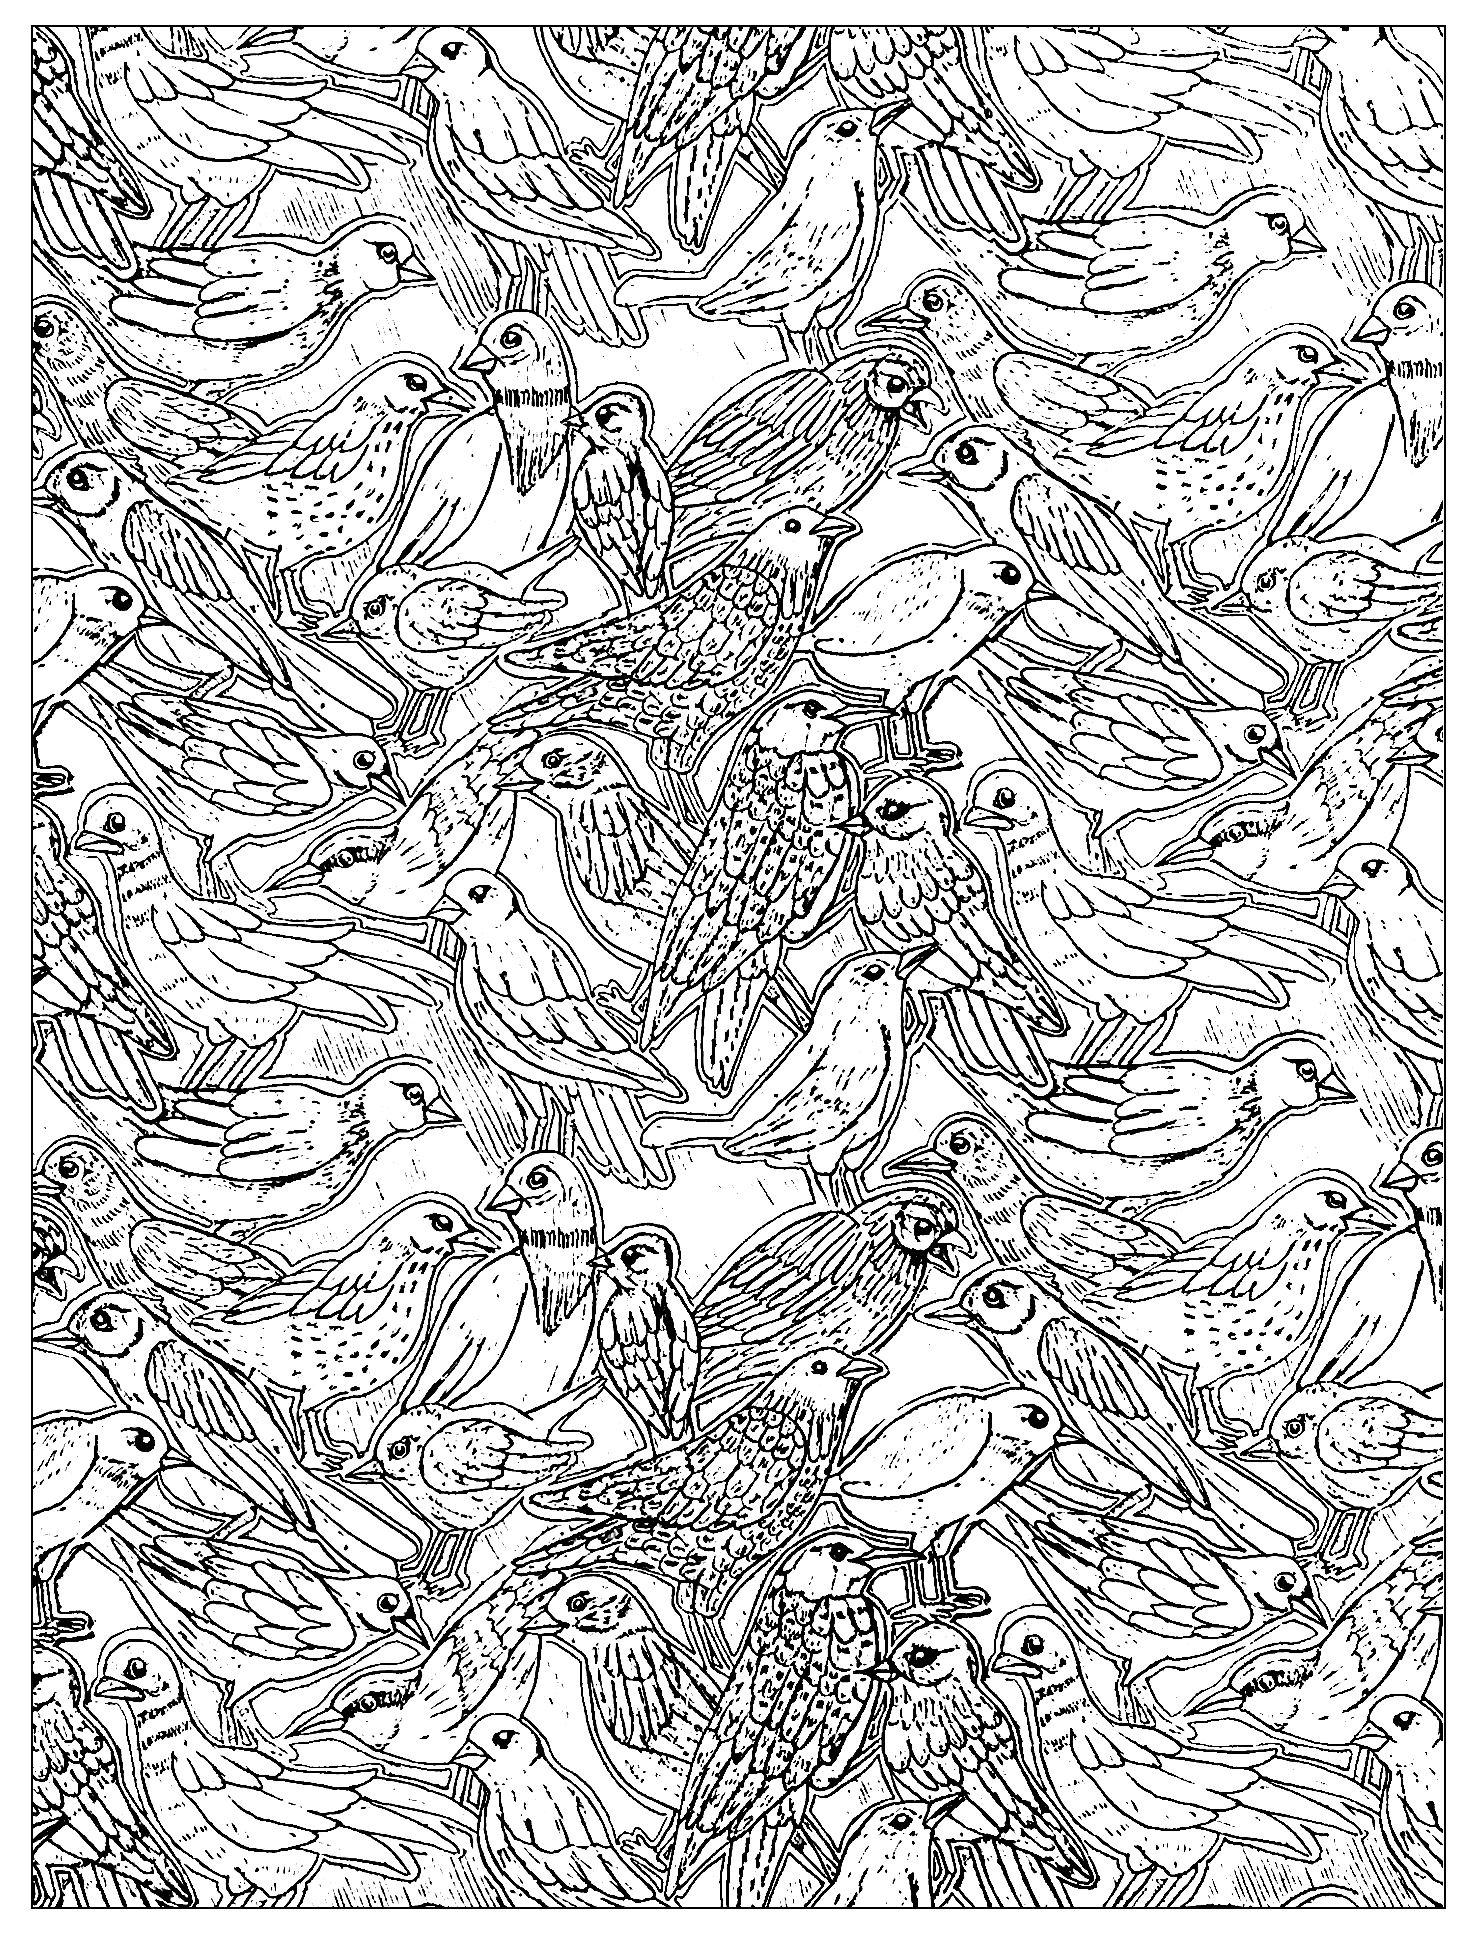 Disegni da colorare per adulti : Uccelli - 26